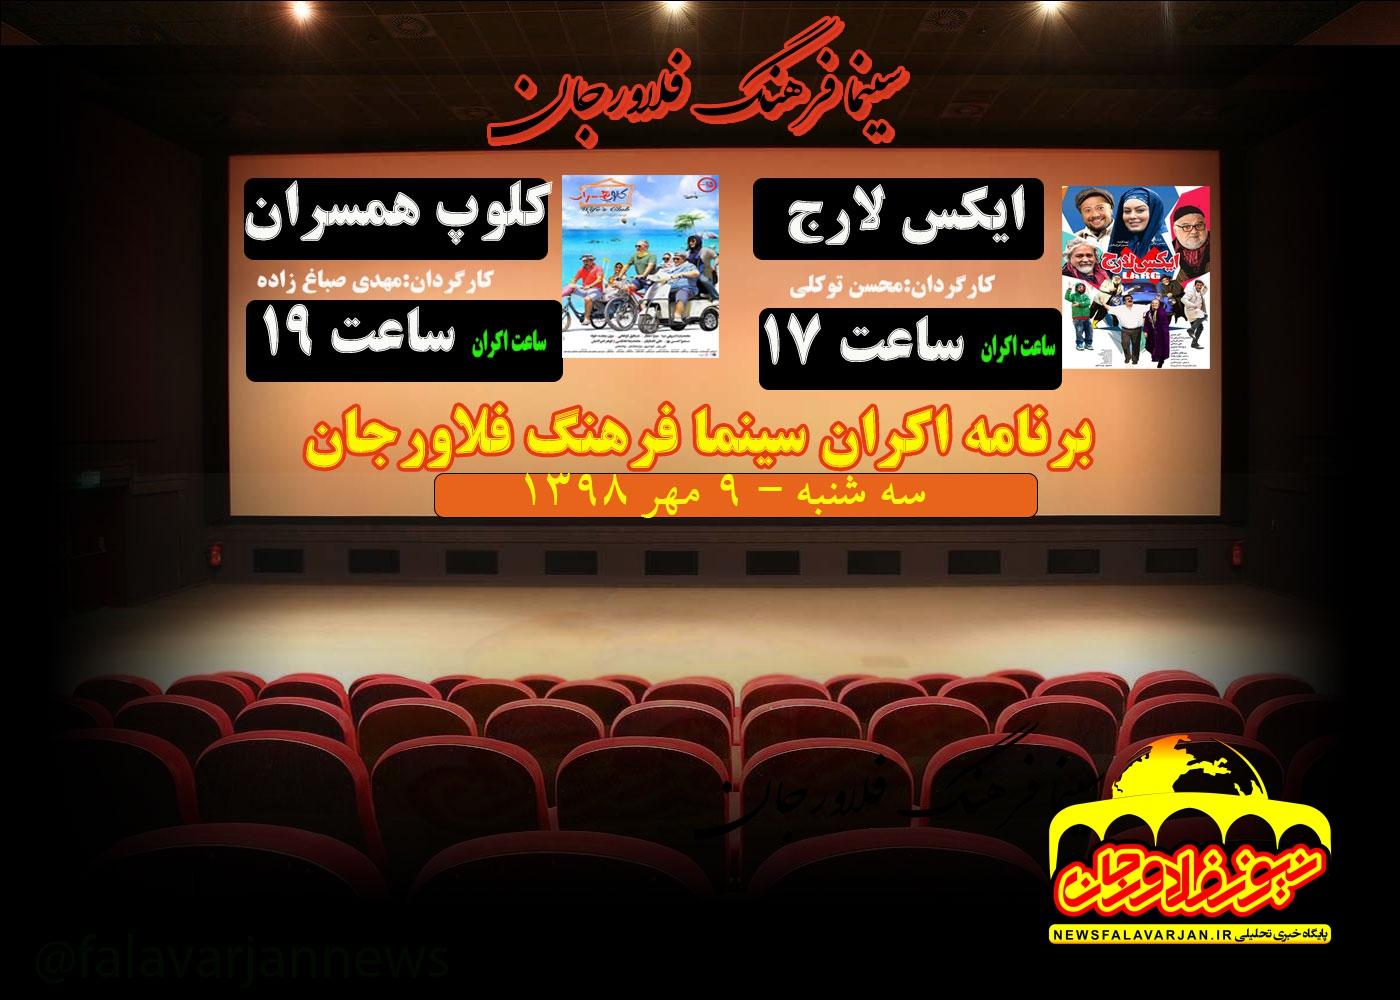 برنامه اکران سه شنبه۹ مهر ماه در سینما فرهنگ فلاورجان